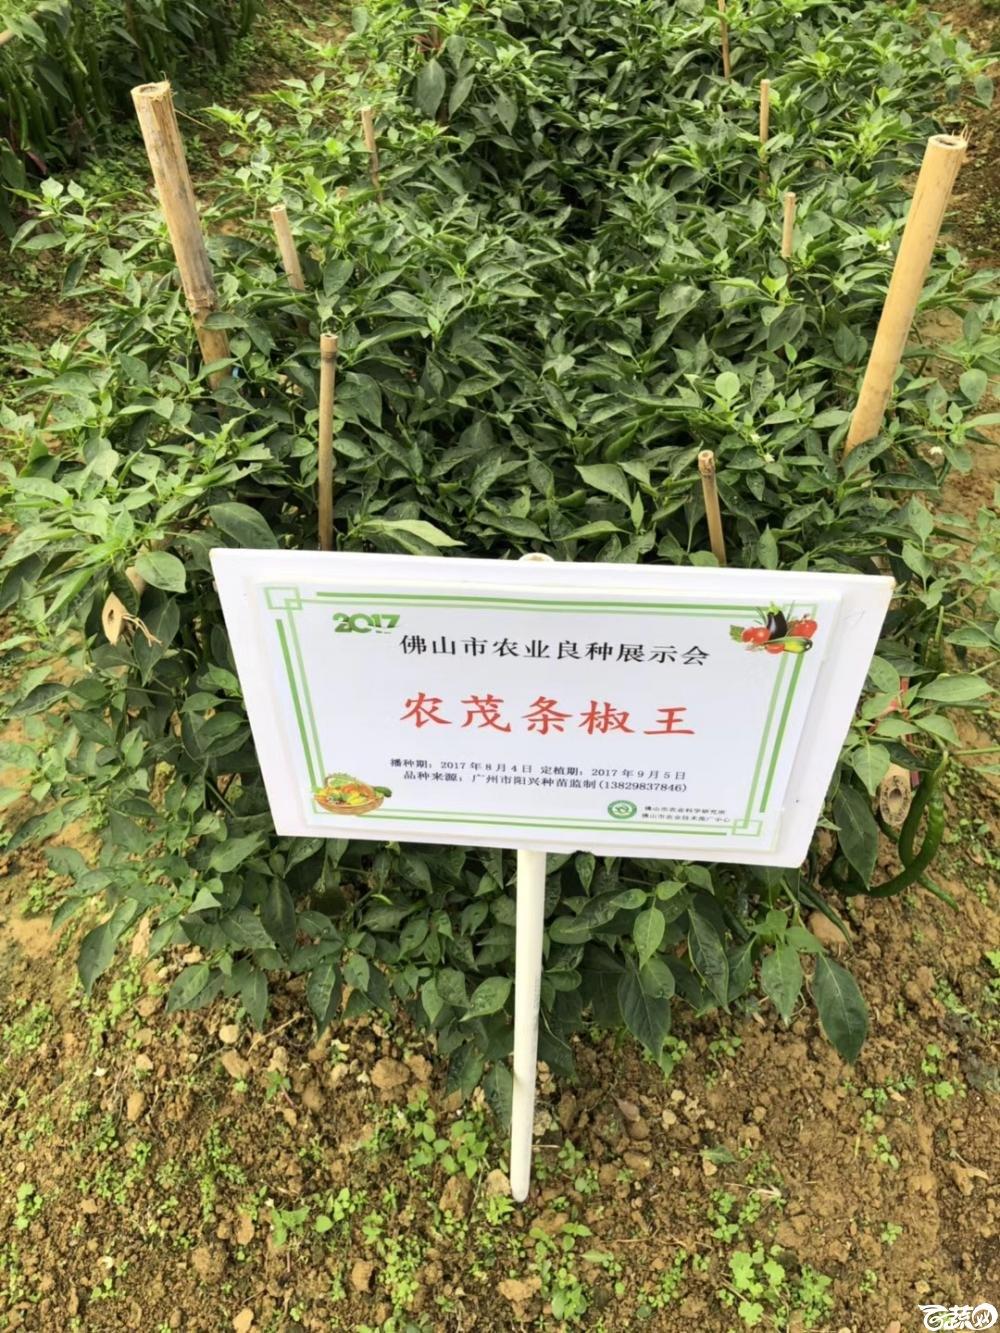 广州阳兴农茂金条线椒在2017年佛山种业博览会的种植表现.jpg